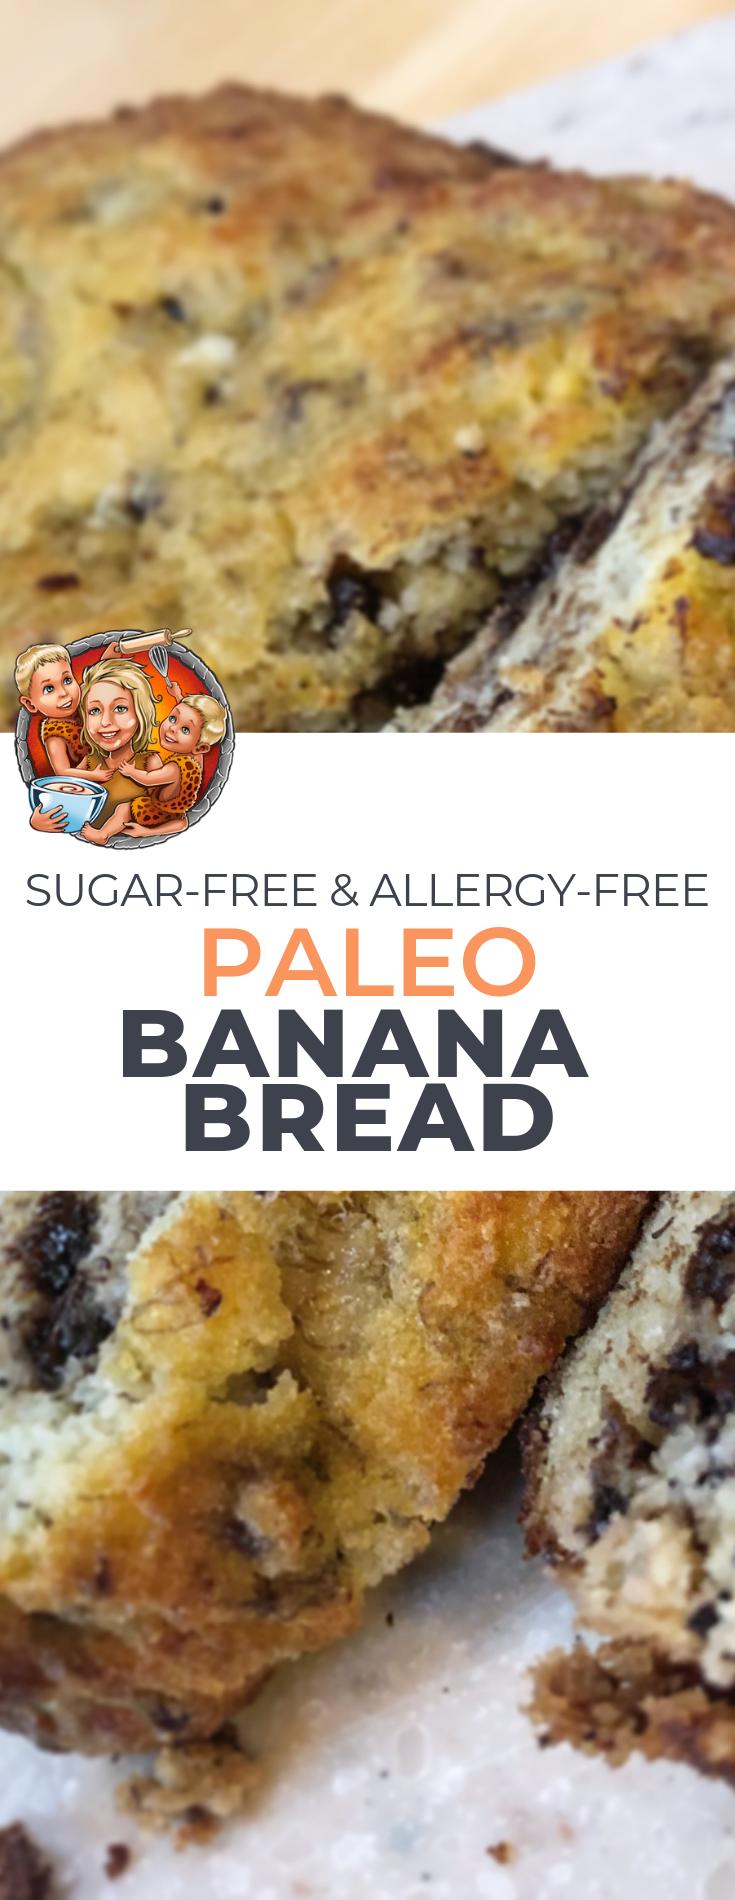 Paleo Banana Bread images